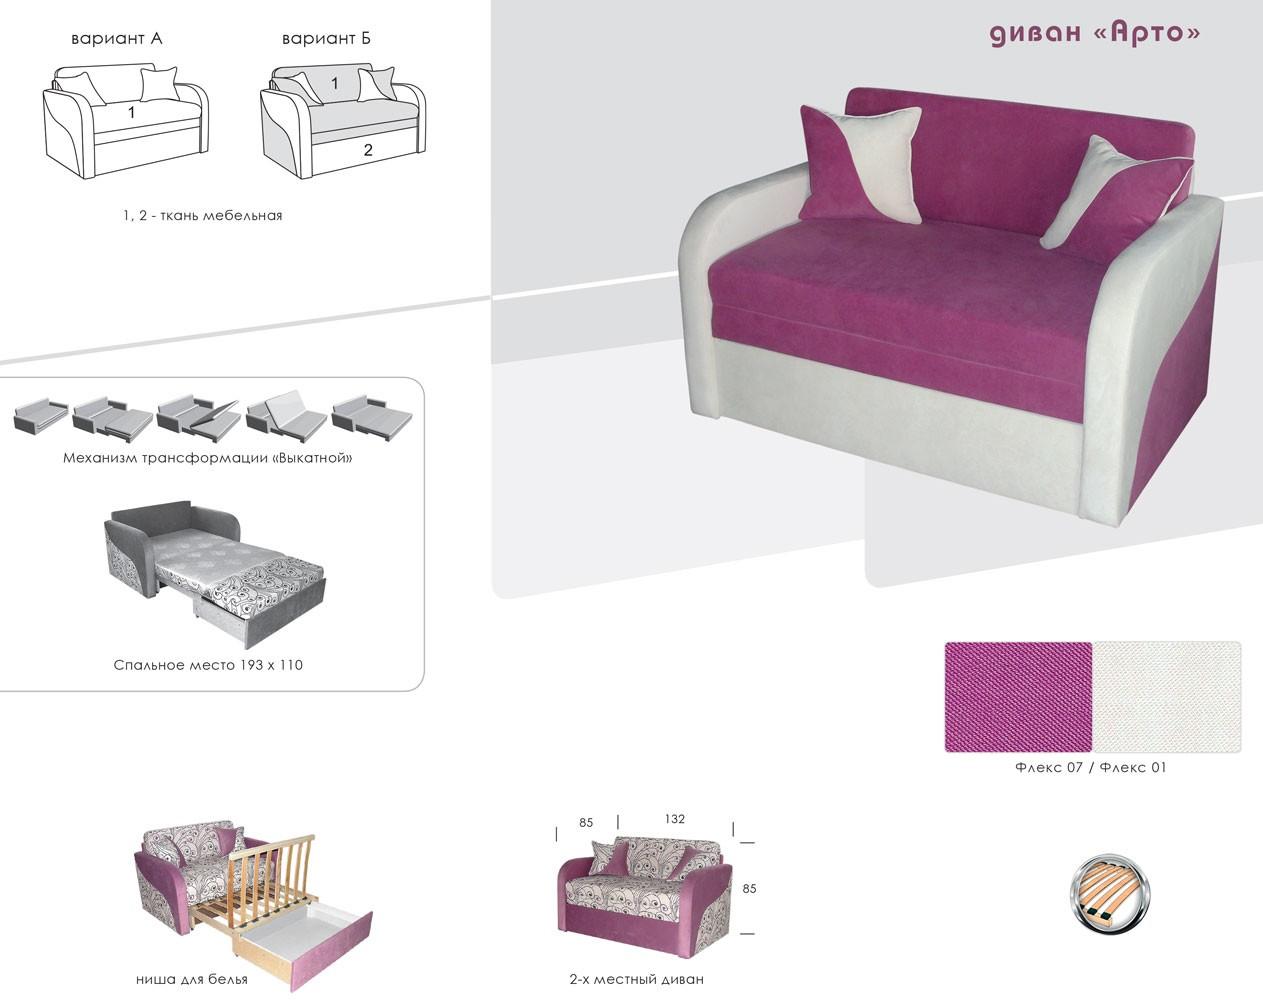 Компактный диван Арто 1,1 - Новинка от фабрики Модерн, фото 2